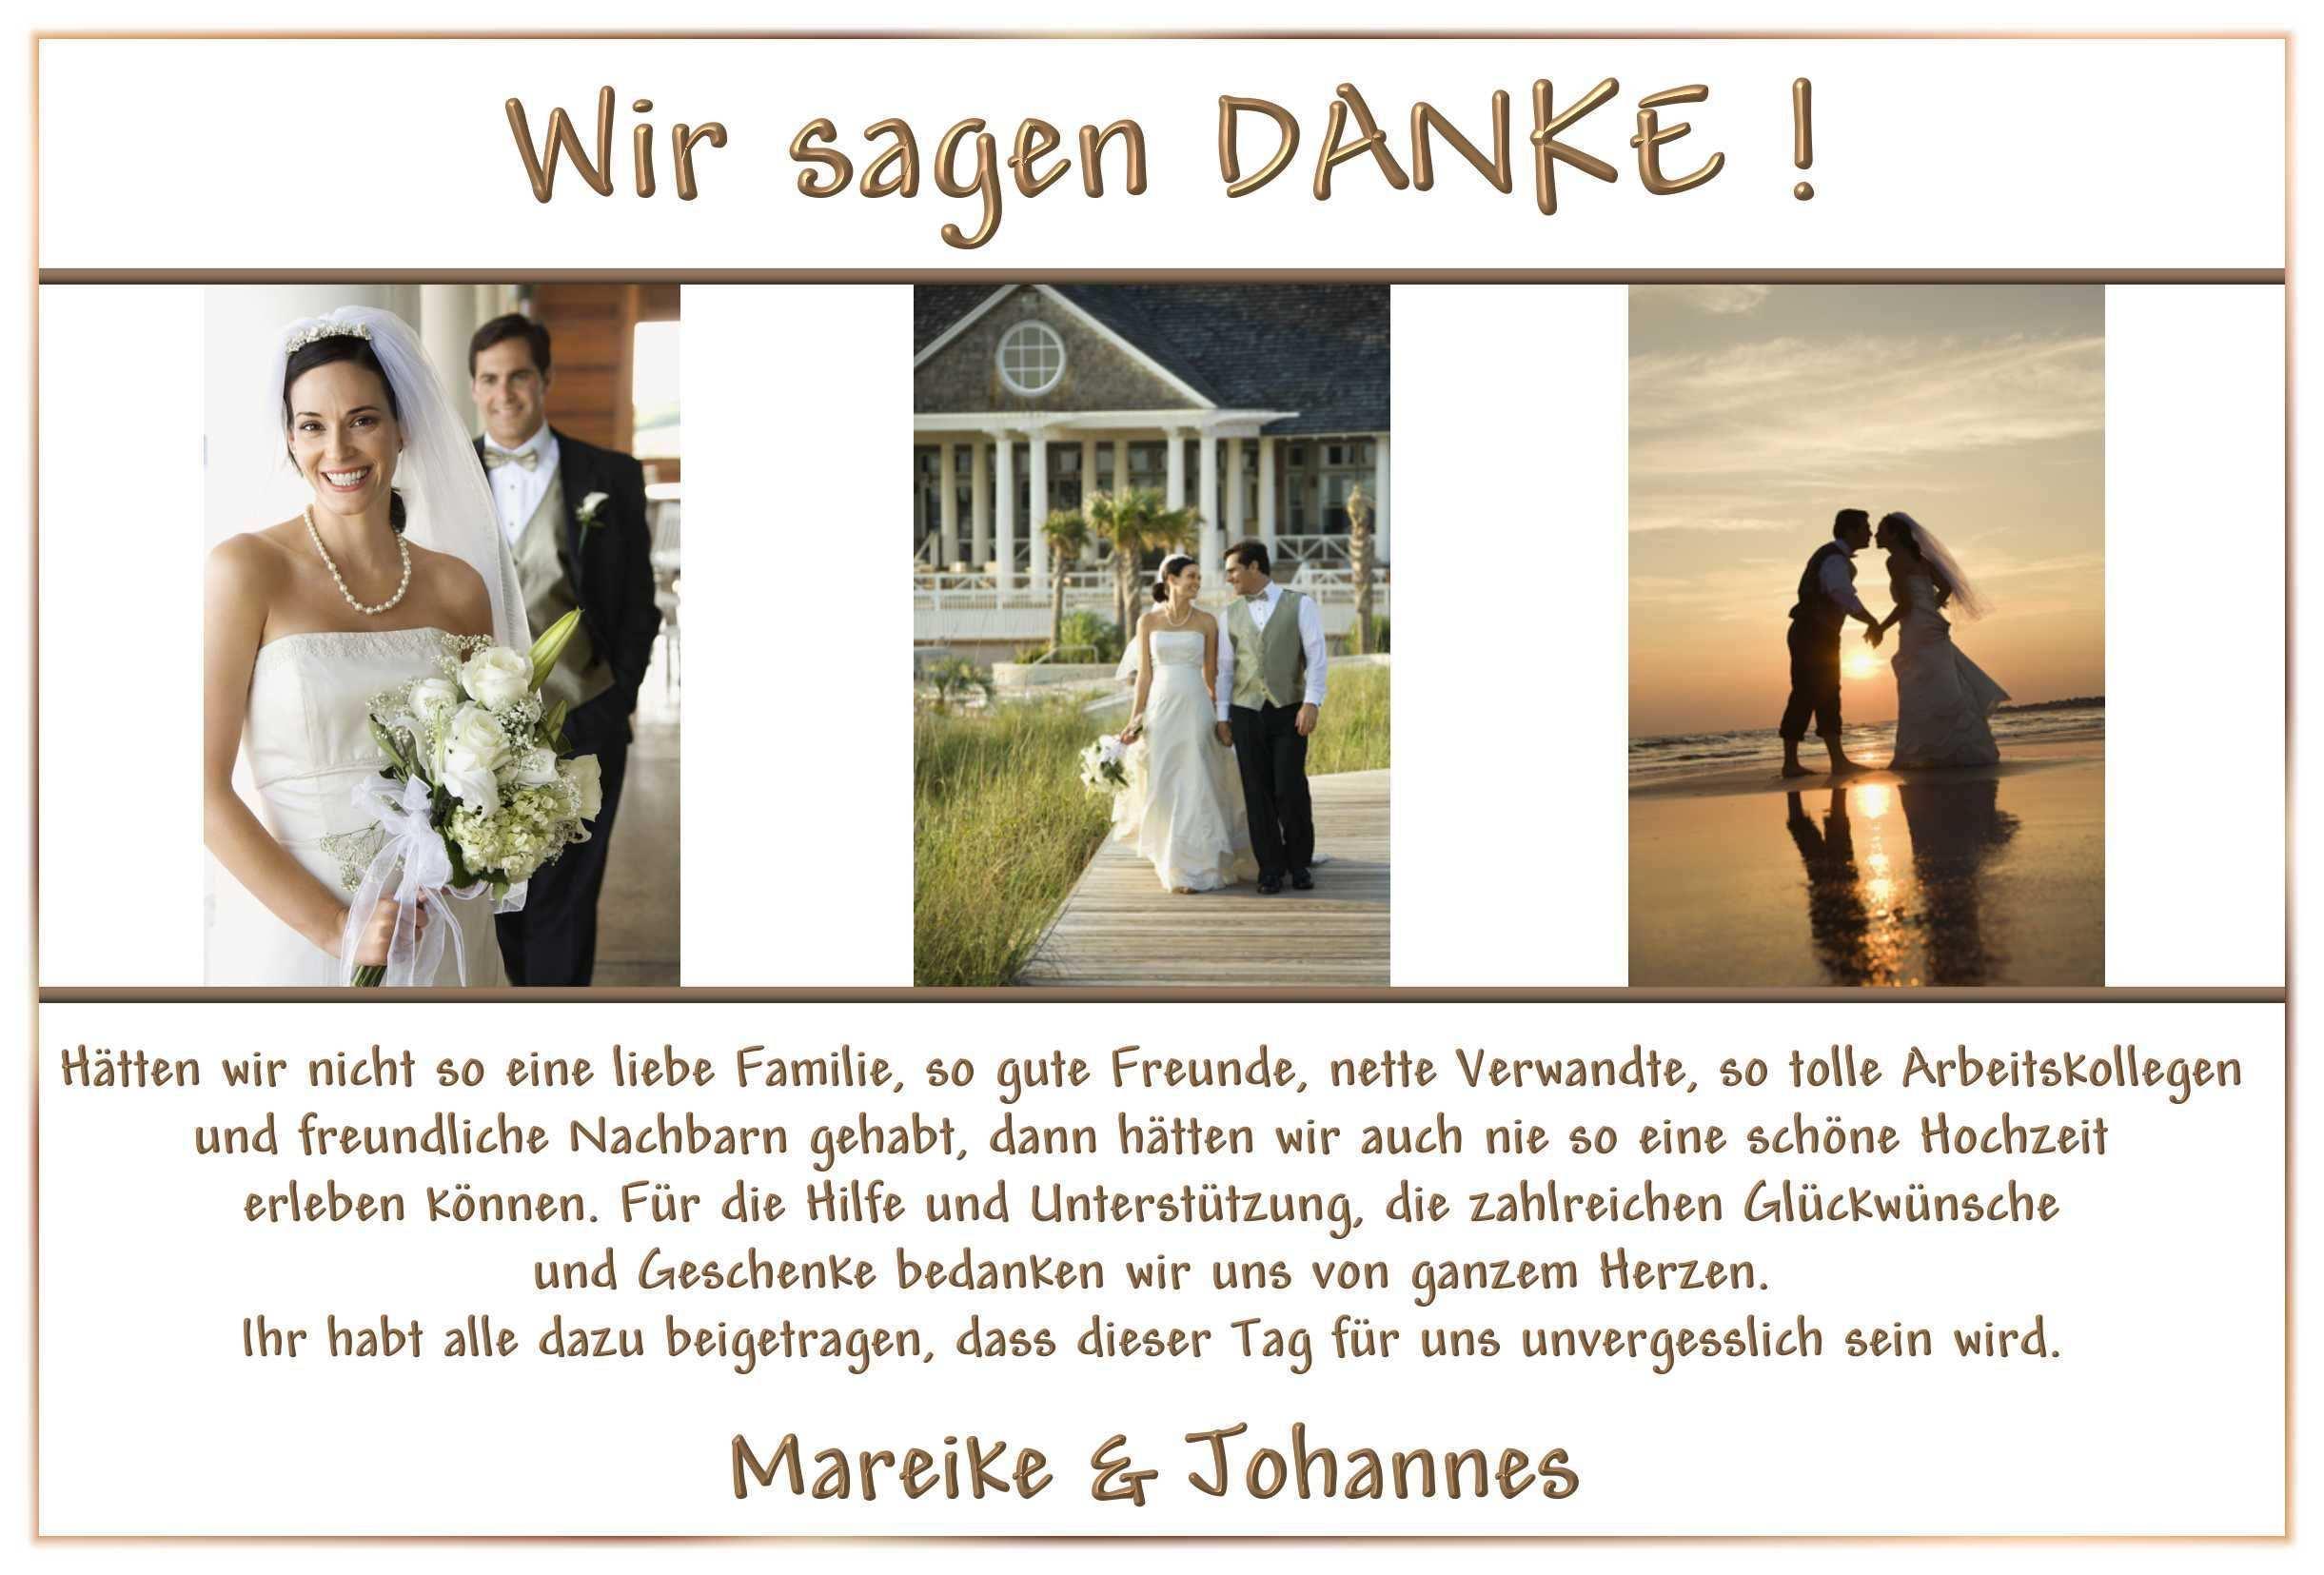 Danksagung Hochzeit Dankeskarten Hochzeit Text Hochzeit Bilder Danksagung Hochzeit